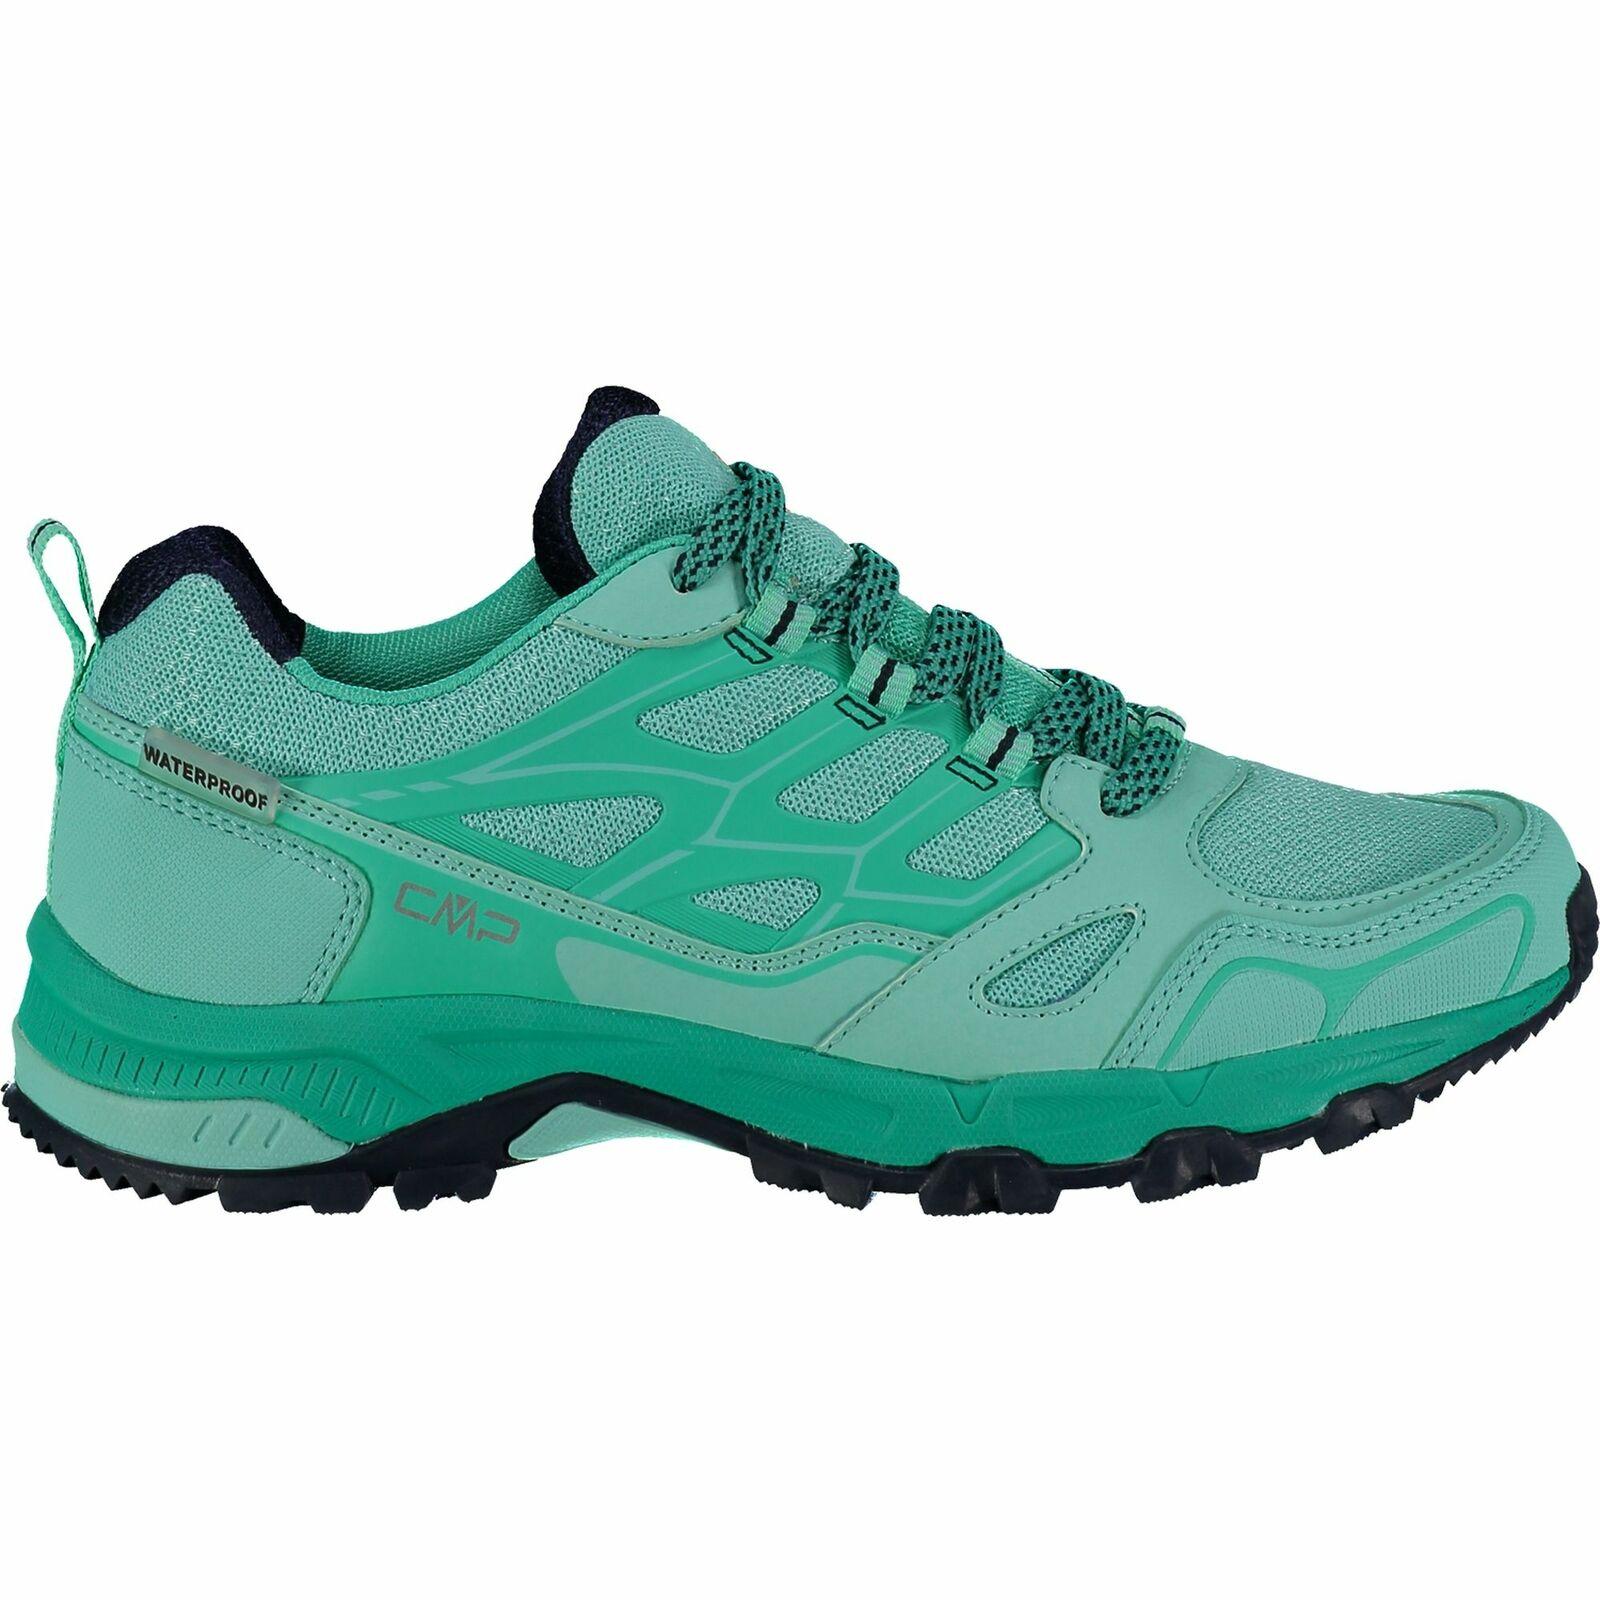 CMP zapatillas calzado deportivo Zaniah WMN Trail zapatos turquesa  monocromo Mesh  bajo precio del 40%